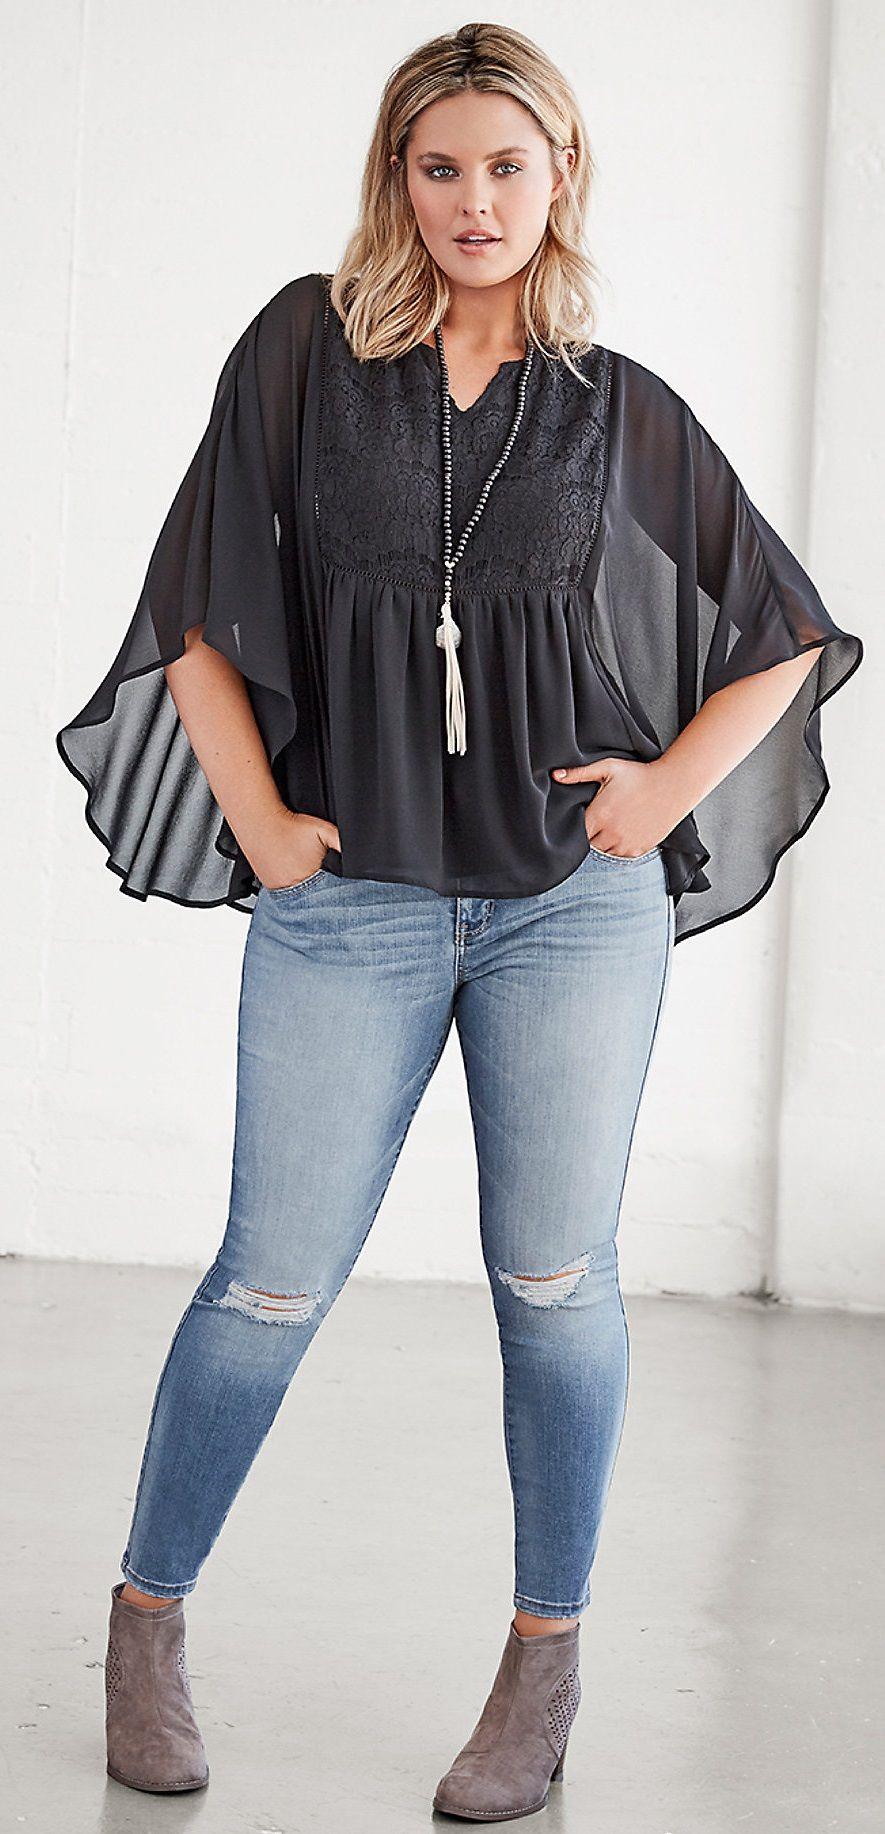 4888ec731592 Plus Size Outfit - Shop the Look